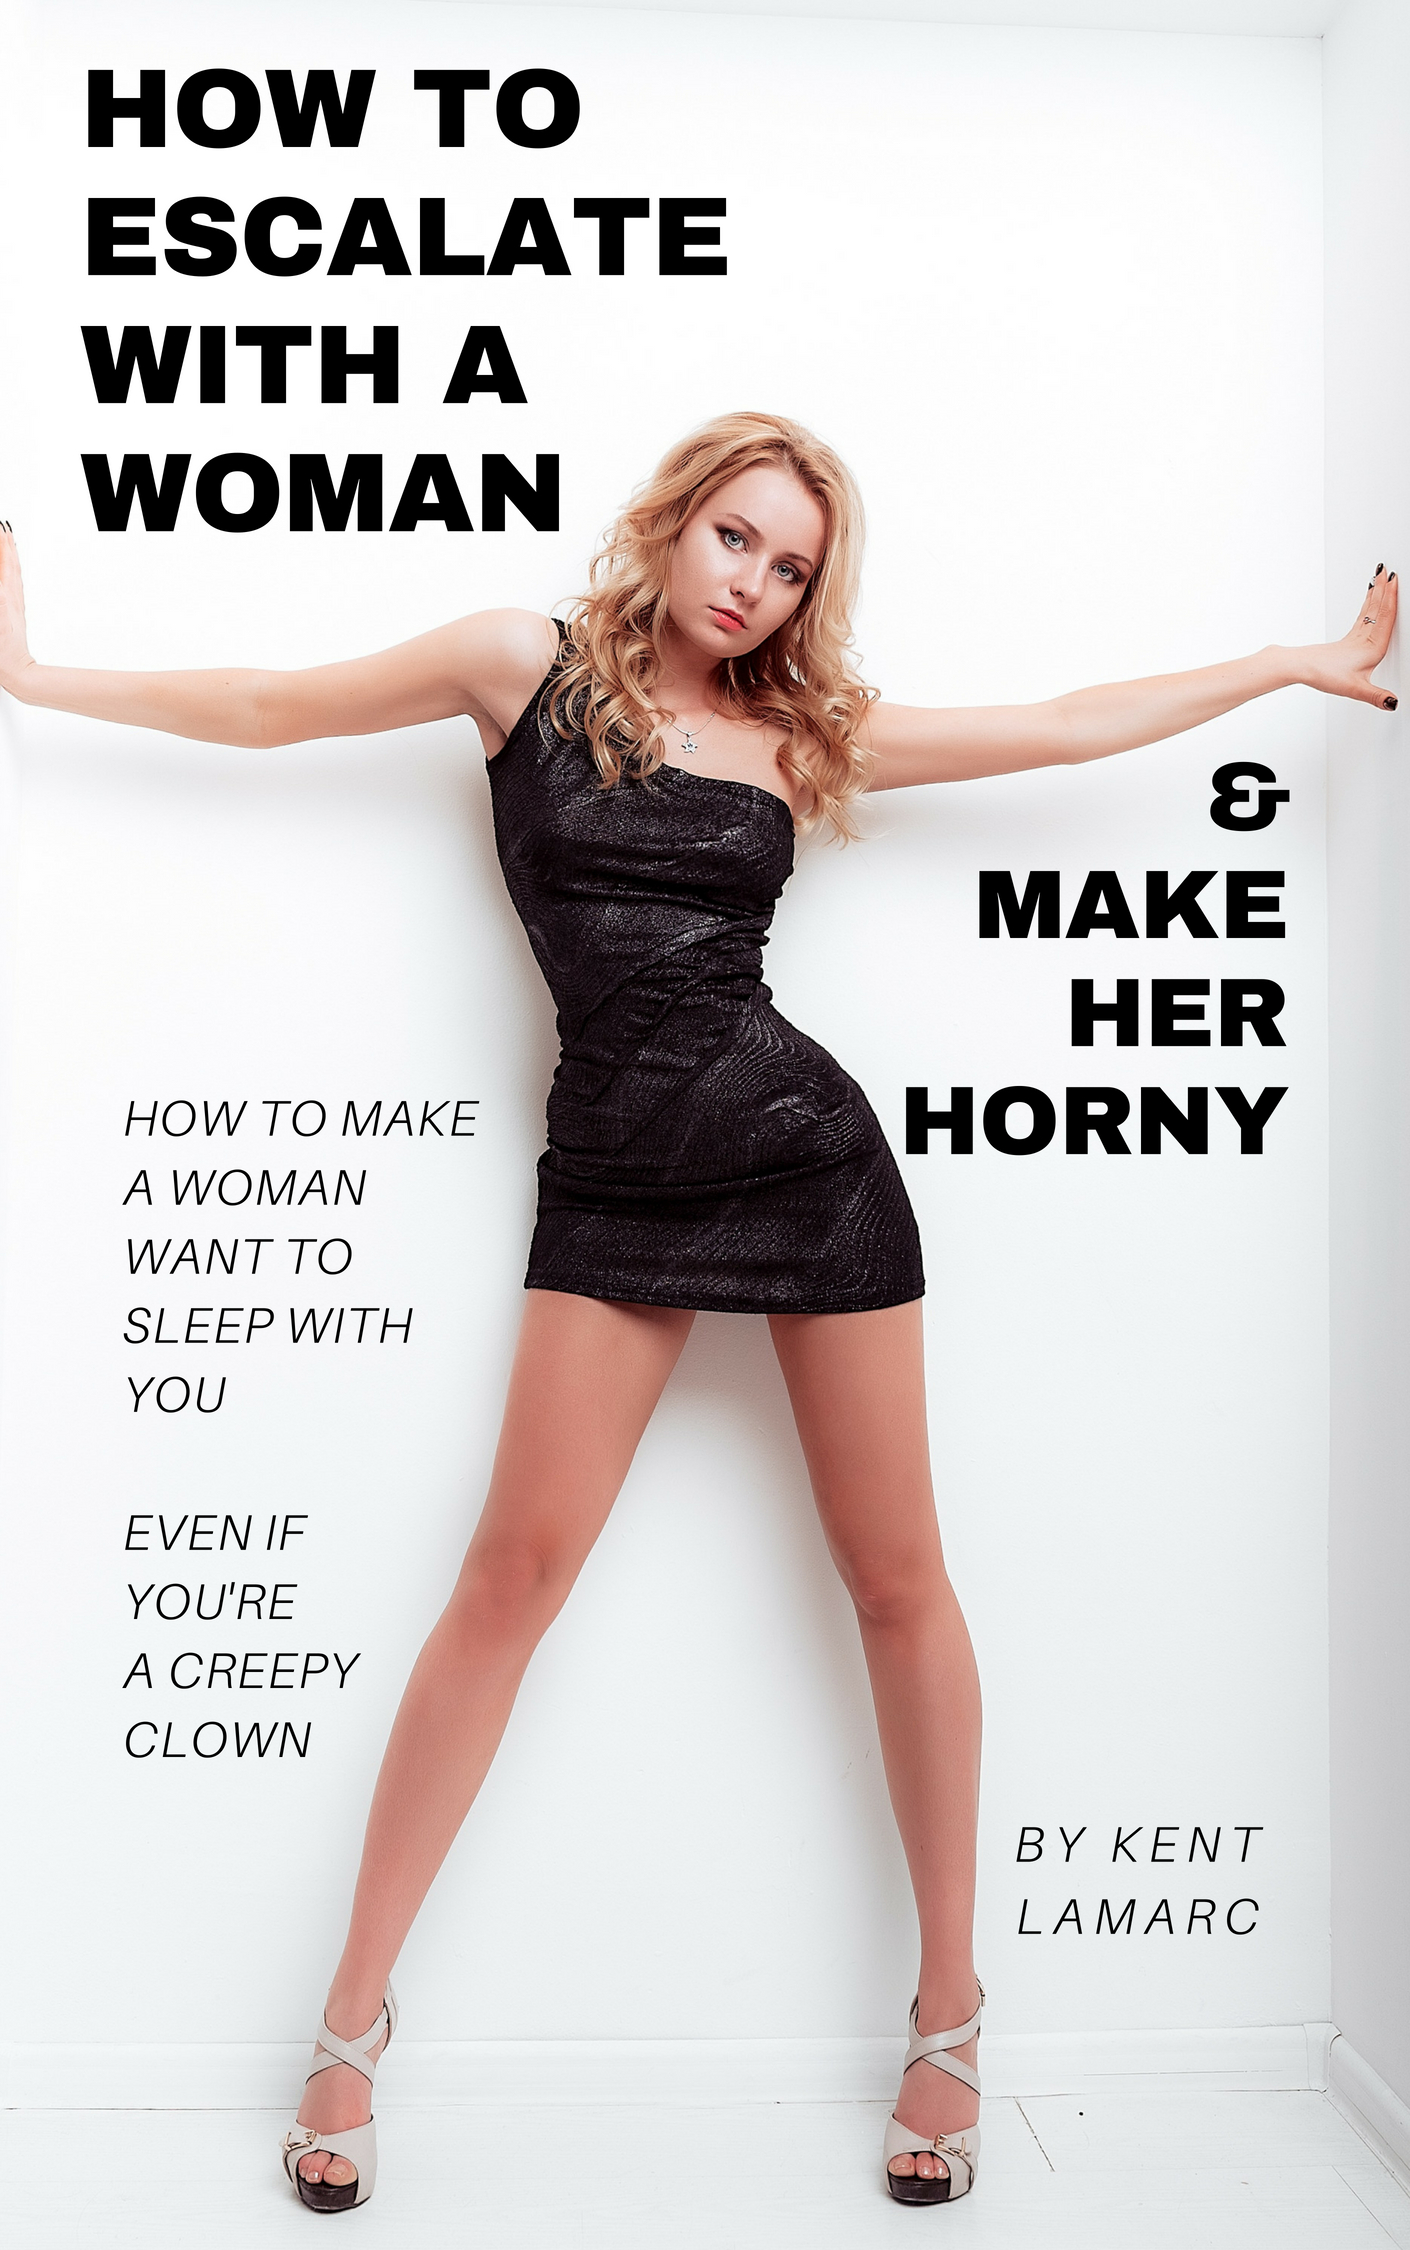 how do i make her horny